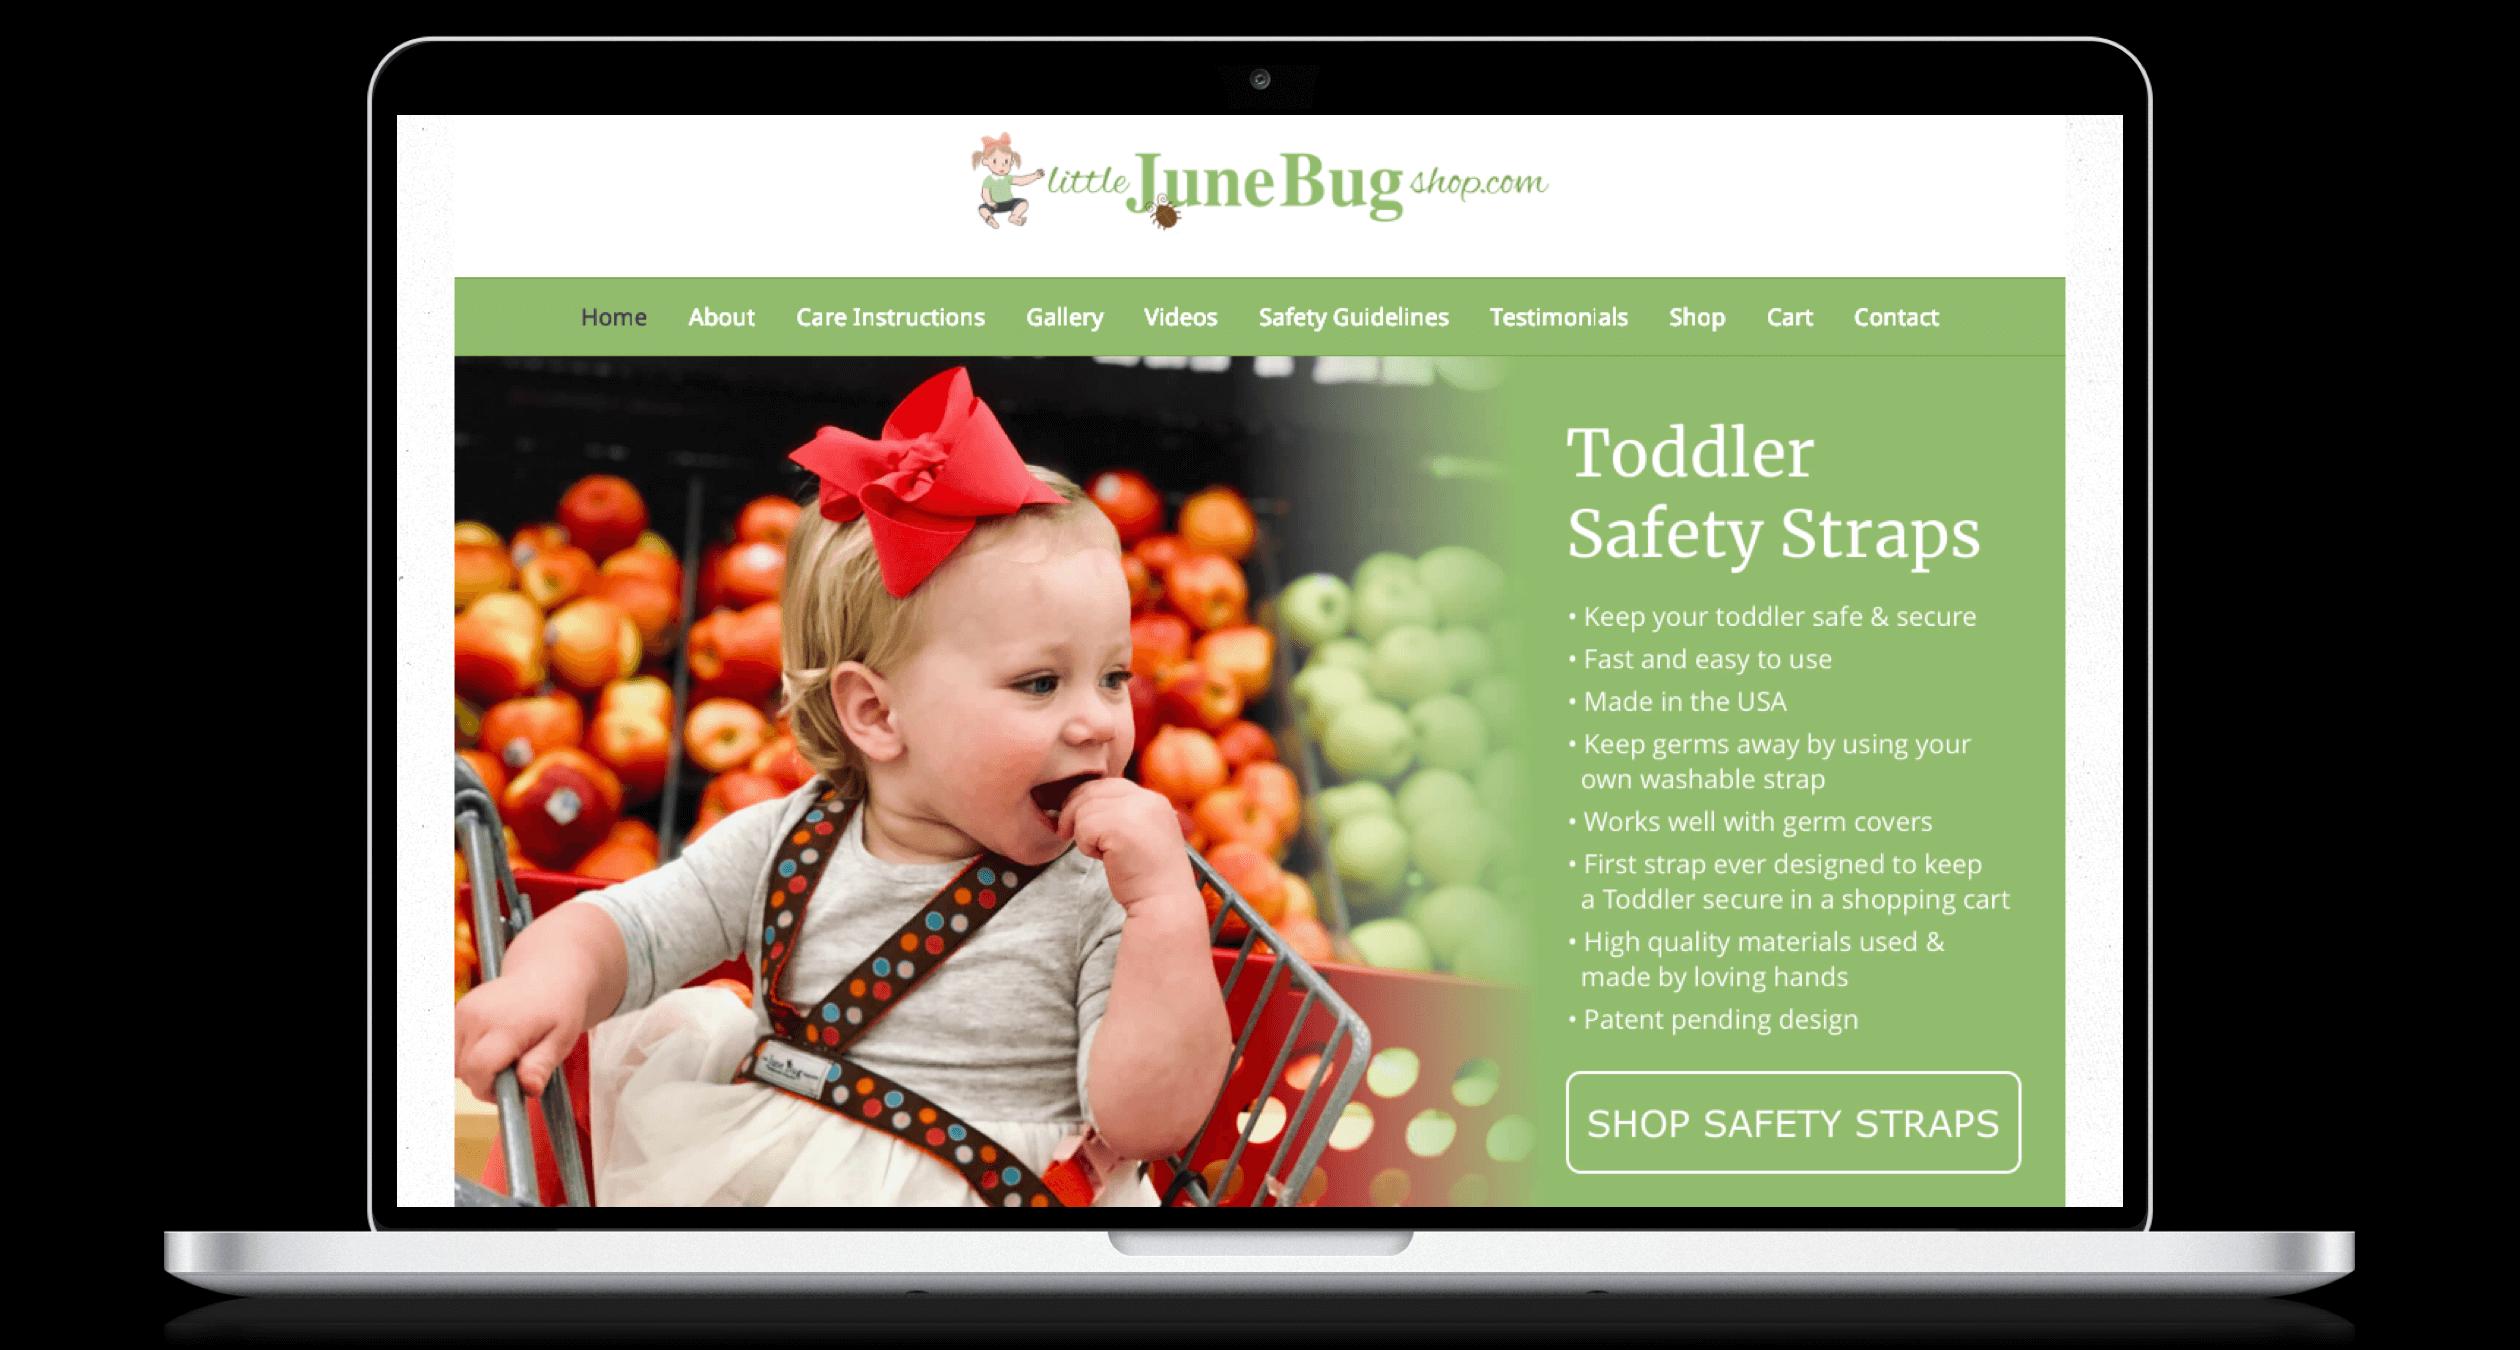 PHX-Web-Agency-Little-June-Bug-Shop-Child-Safety-Belts-Website-Design-After